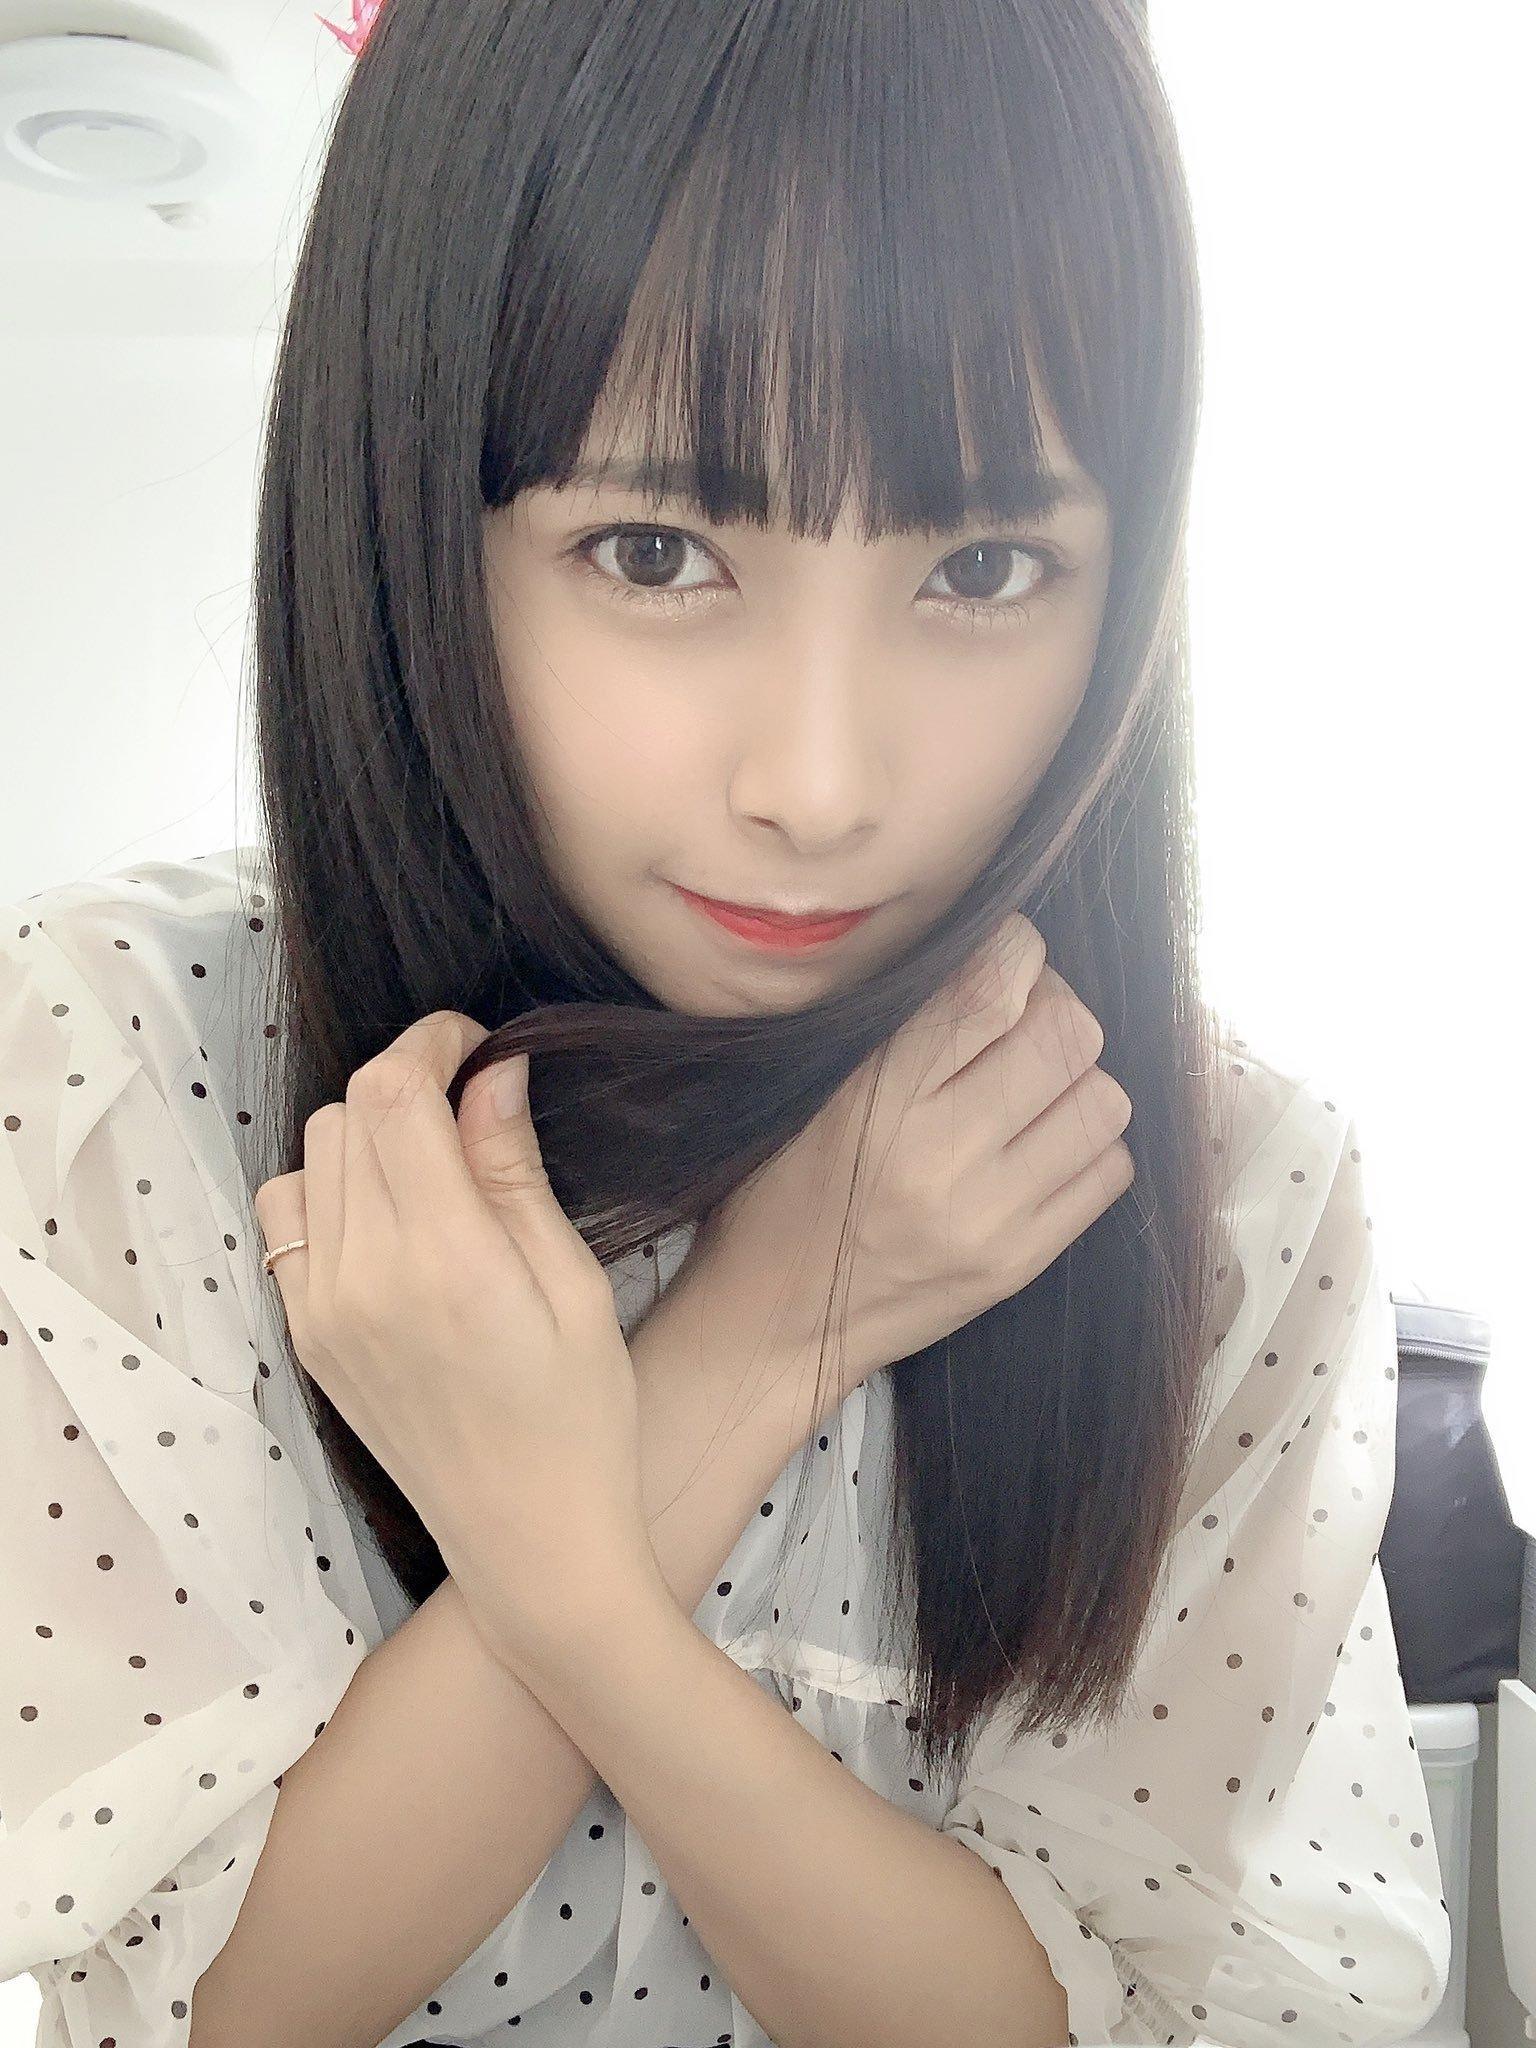 深田咏美再现魅魔 葵铃奈瘦小水着插图(28)